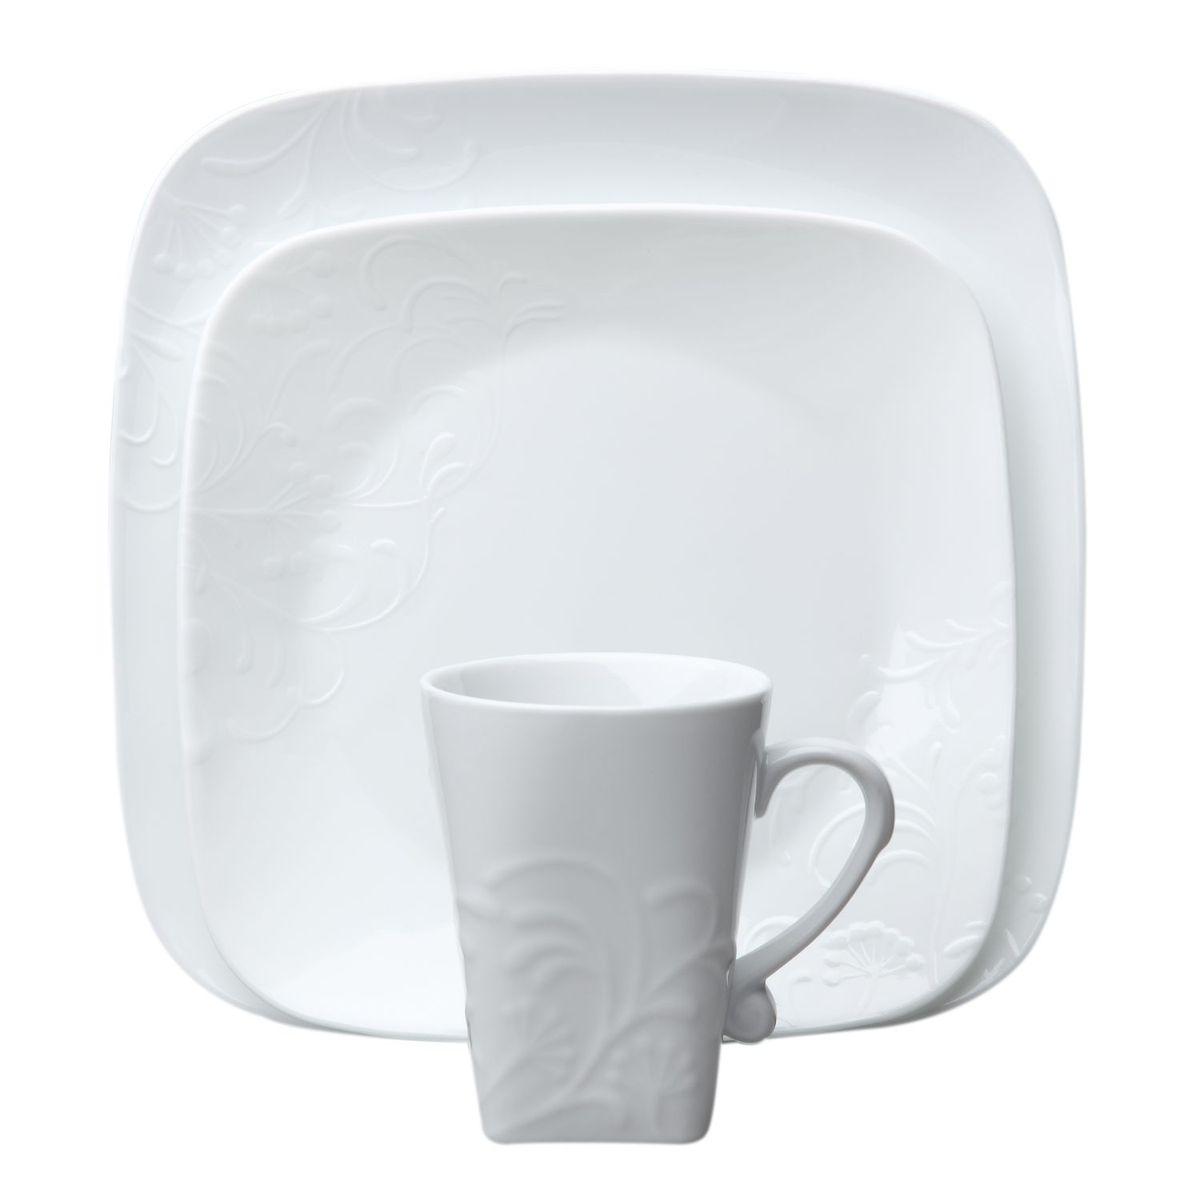 Набор посуды Cherish 16пр, цвет: белый1107902Преимуществами посуды Corelle являются долговечность, красота и безопасность в использовании. Вся посуда Corelle изготавливается из высококачественного ударопрочного трехслойного стекла Vitrelle и украшена деколями американских и европейских дизайнеров. Рисунки не стираются и не царапаются, не теряют свою яркость на протяжении многих лет. Посуда Corelle не впитывает запахов и очень долгое время выглядит как новая. Уникальная эмаль, используемая во время декорирования, фактически становится единым целым с поверхностью стекла, что гарантирует долгое сохранение нанесенного рисунка. Еще одним из главных преимуществ посуды Corelle является ее безопасность. В производстве используются только безопасные для пищи пигменты эмали, при производстве посуды не применяется вредный для здоровья человека меламин. Изделия из материала Vitrelle:...